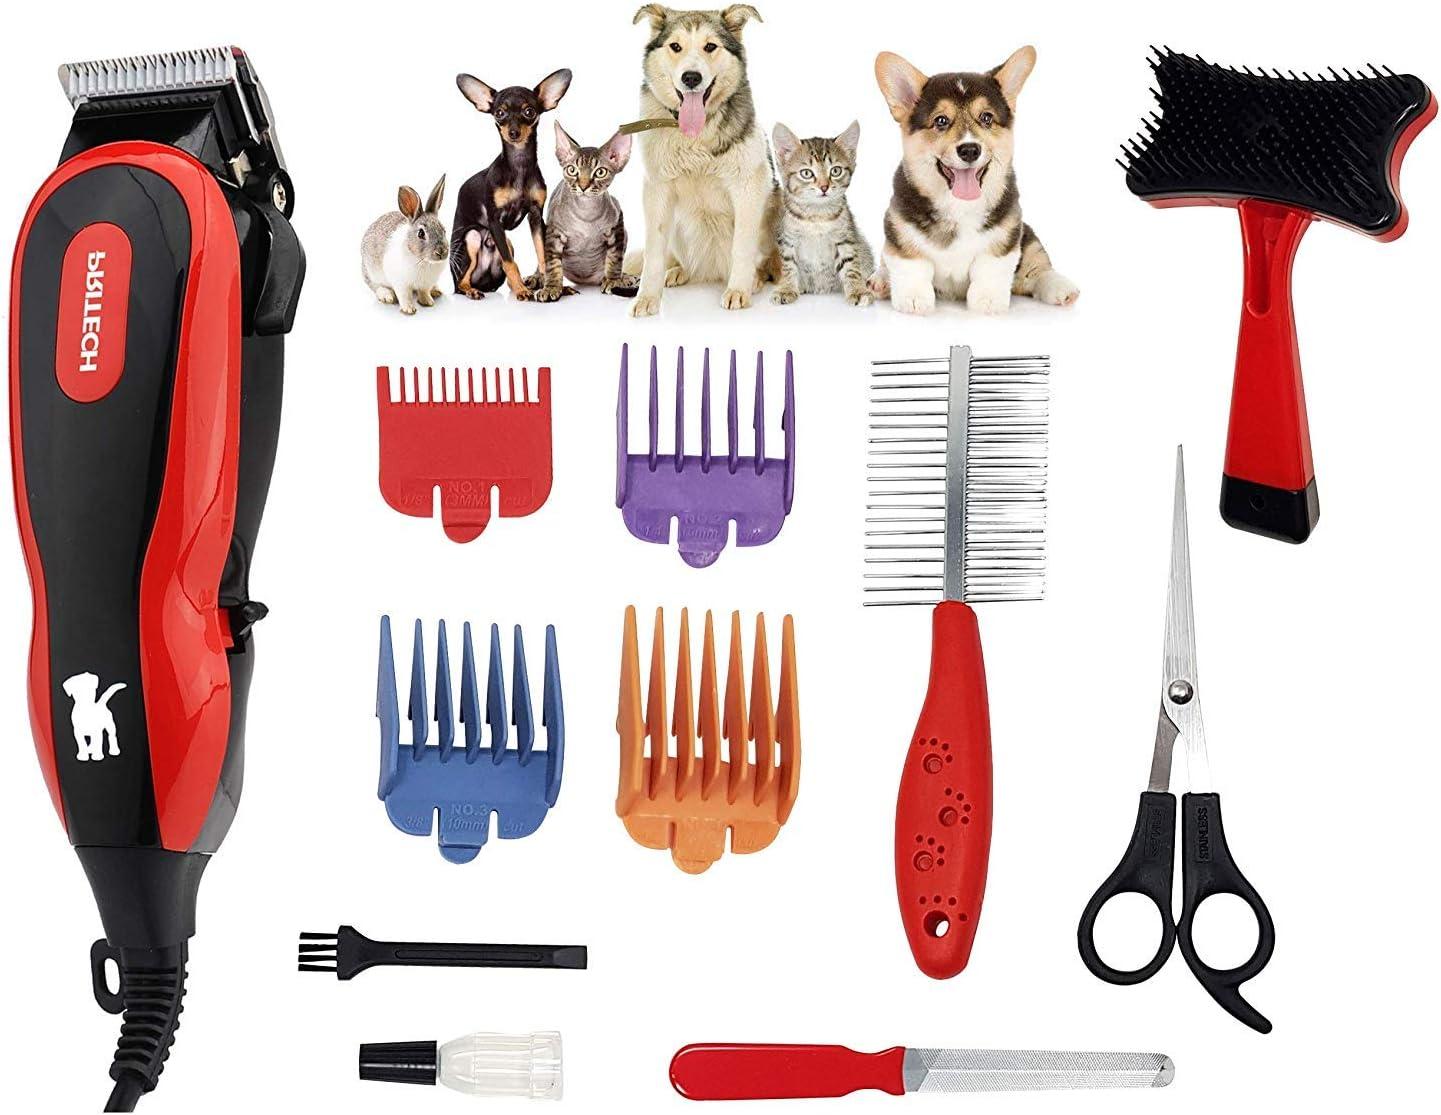 Pritech - Cortapelos de Alta Potencia con cable Silencioso para mascotas con Professional Kit y Estuche de Almacenamiento. PR-2063